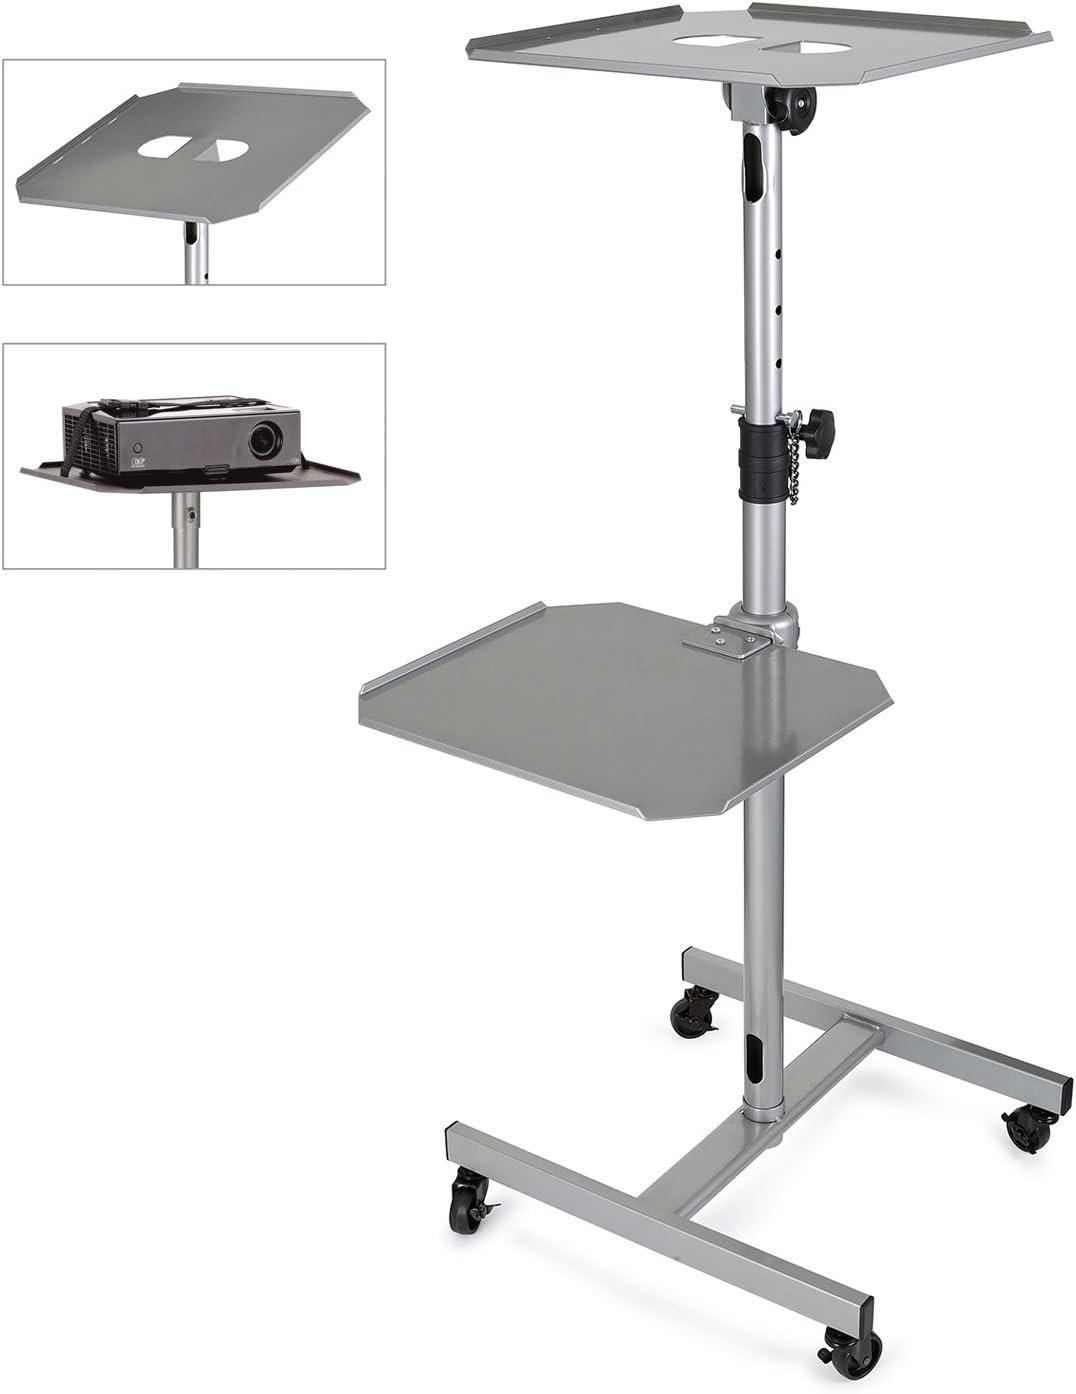 Fonestar - Soporte proyector de pie sps-402p: Amazon.es: Oficina y ...